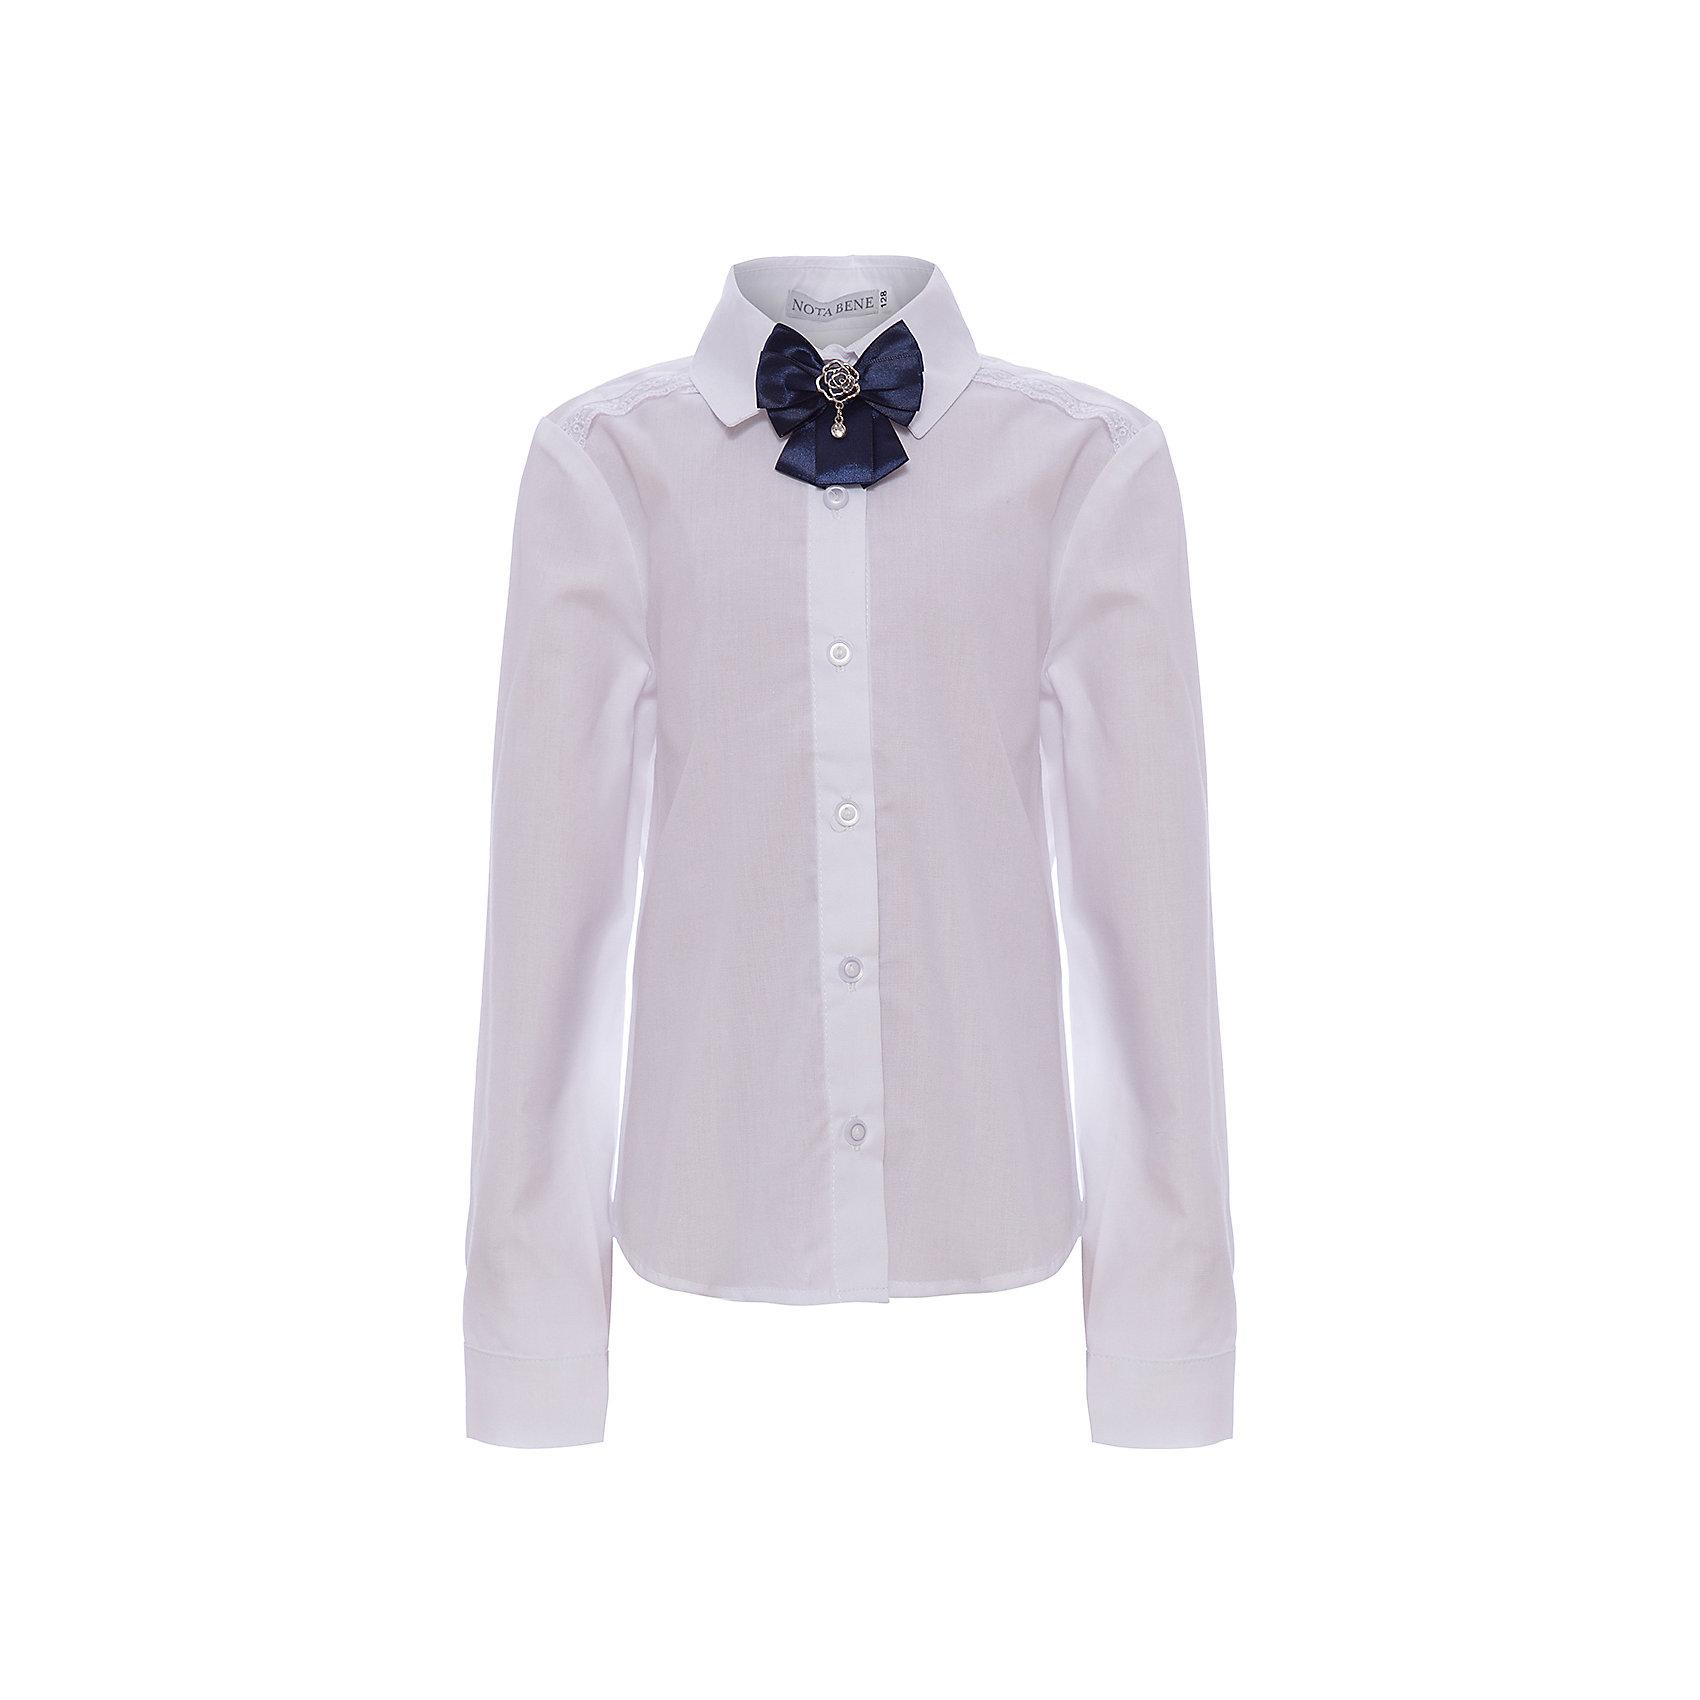 Блузка Nota Bene для девочкиБлузки и рубашки<br>Блузка с длинными рукавами. С рубашечным воротником со стойкой<br>и с цельнокроенной застежкой на пуговицы. <br>На полочке кокетка с кружевной тесьмой белого цвета.<br>Декор текстильный пристегивающийся на булавку<br>Соответствует размеру.<br>Рекомендована предварительная стирка.<br>Состав:<br>65% хлопок; 35% полиэстер<br><br>Ширина мм: 186<br>Глубина мм: 87<br>Высота мм: 198<br>Вес г: 197<br>Цвет: белый<br>Возраст от месяцев: 72<br>Возраст до месяцев: 84<br>Пол: Женский<br>Возраст: Детский<br>Размер: 122,164,128,134,140,146,152,158<br>SKU: 7012259